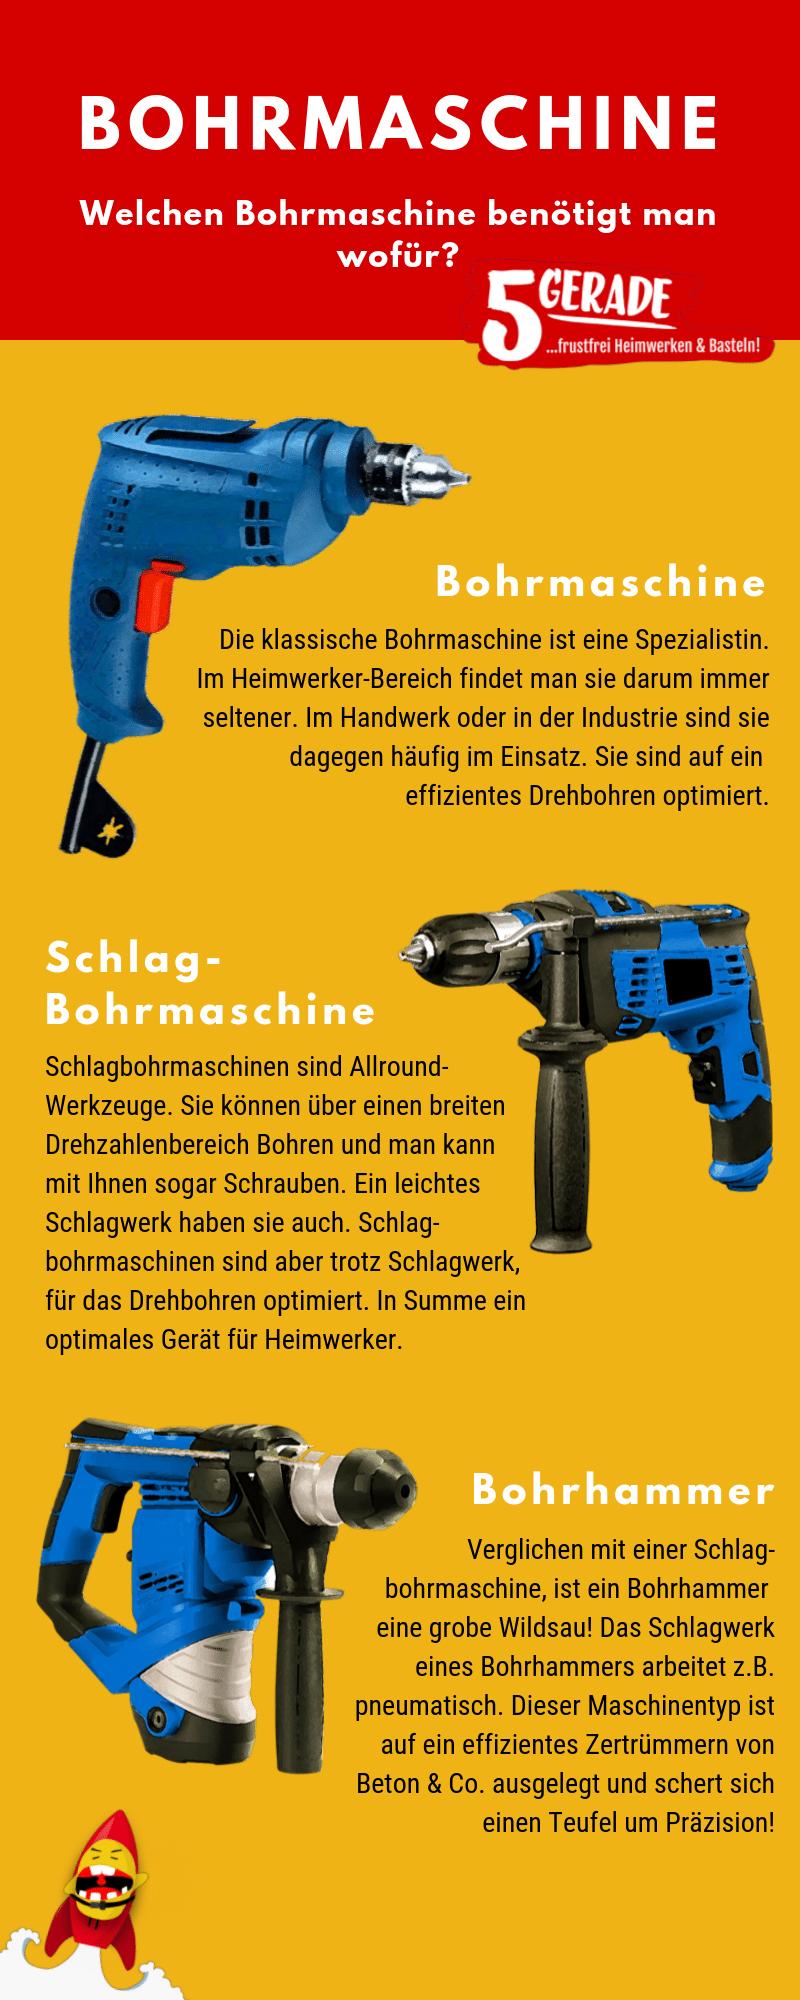 Fabulous Welche Bohrmaschine brauch ich? Ein Ratgeber für Anfänger | 5gerade.de RY66